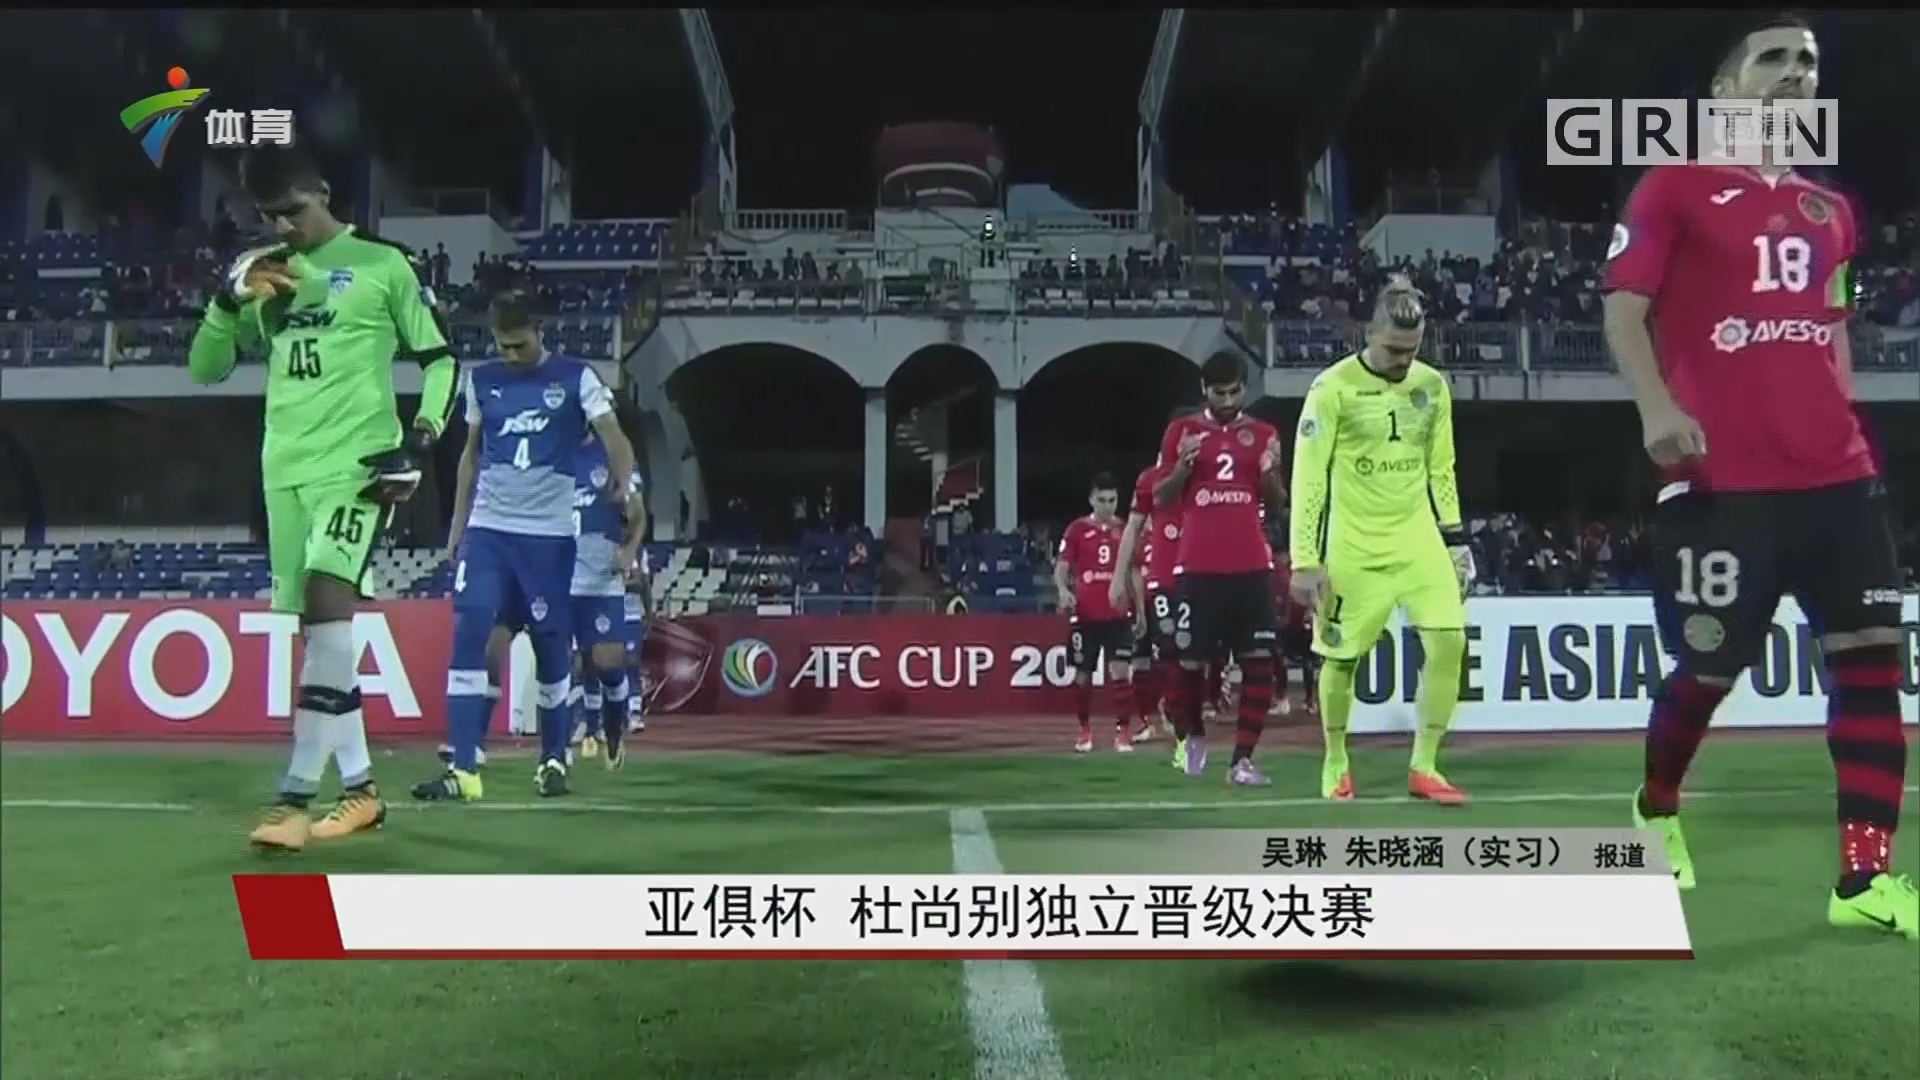 亚俱杯 杜尚别独立晋级决赛